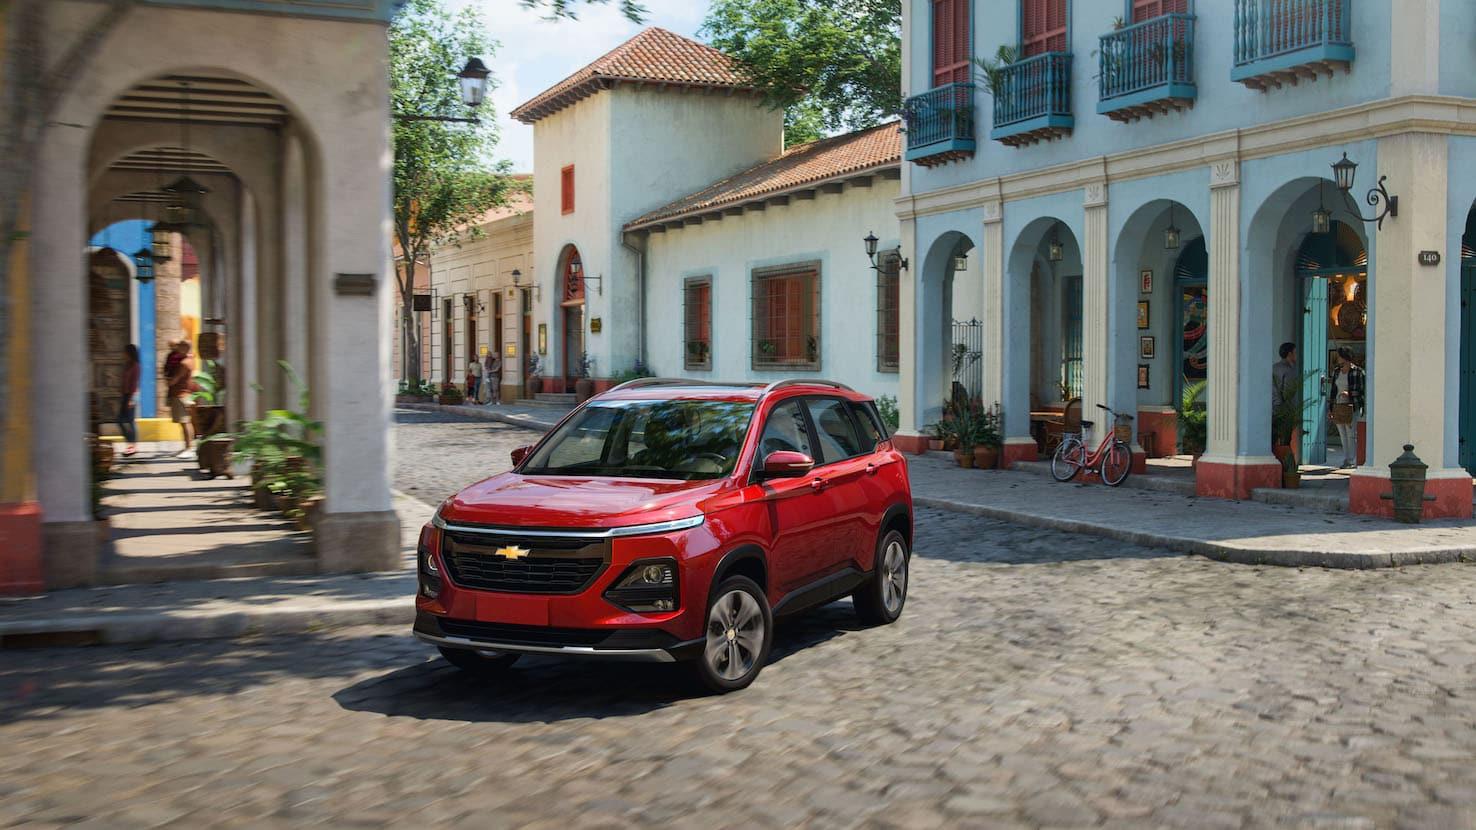 Llega en abril: nueva Chevrolet Captiva 2022 se enfoca en valor